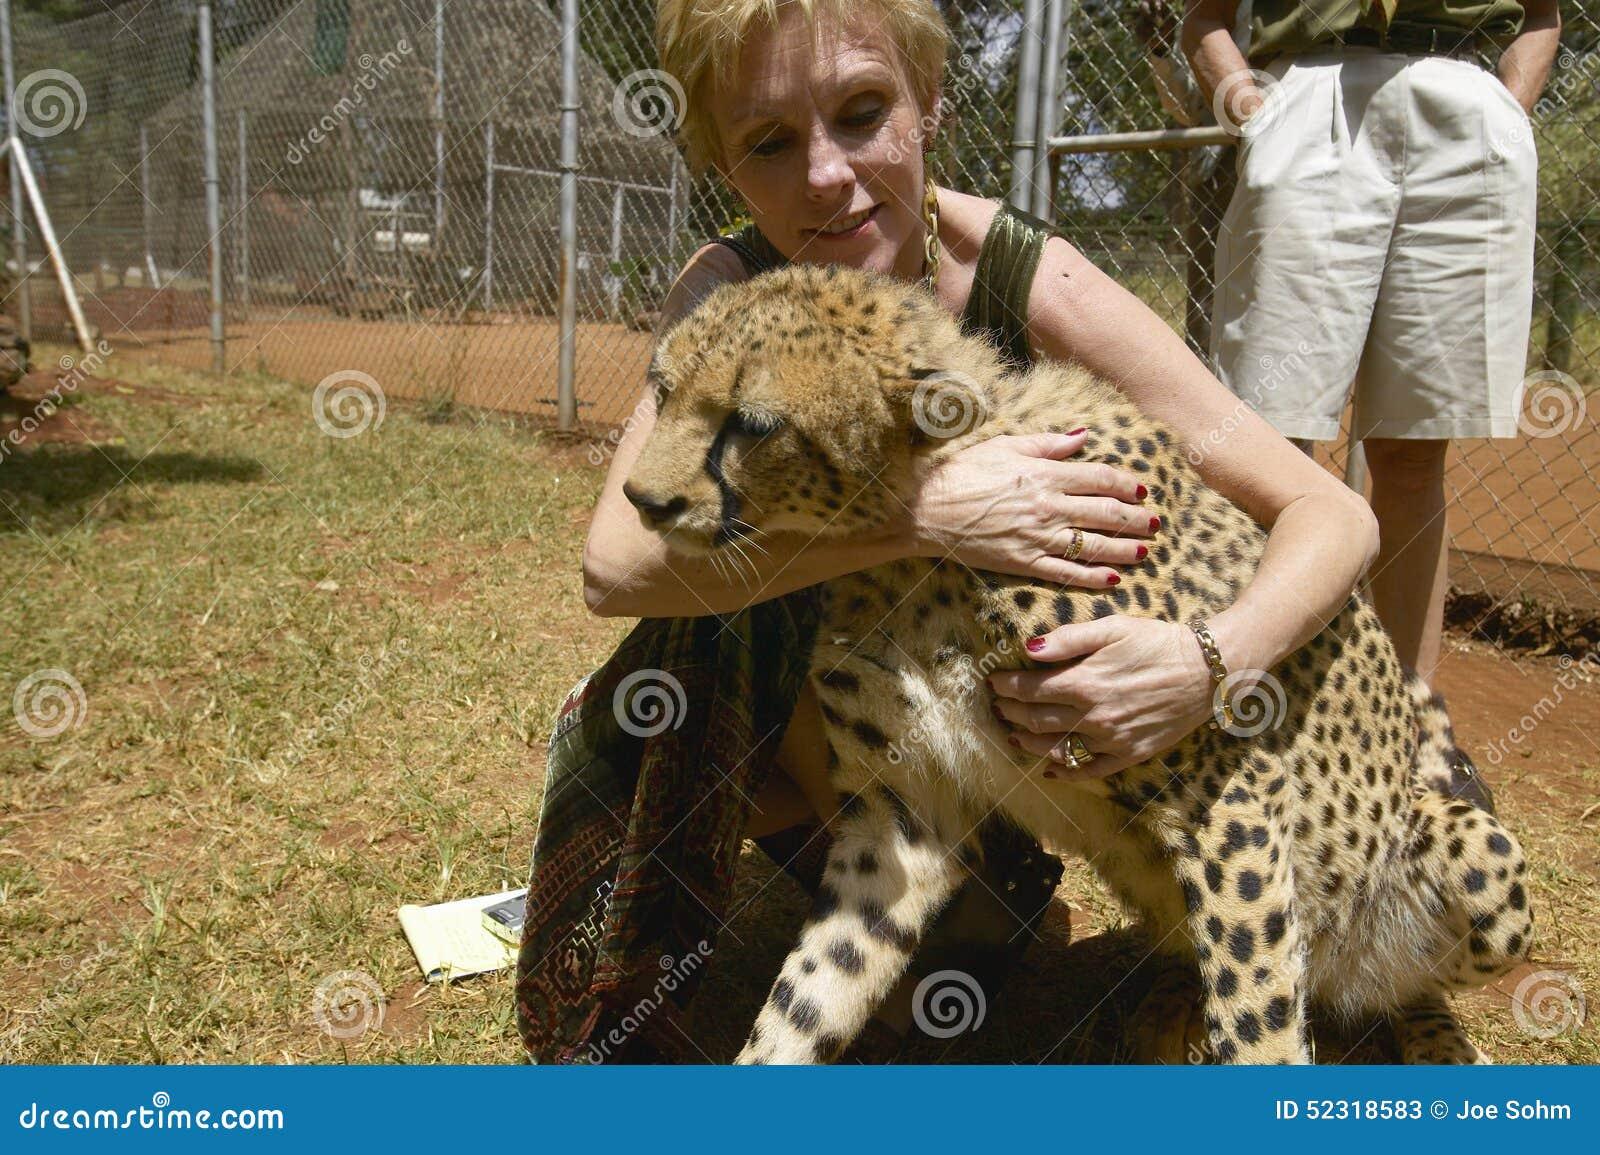 Melodia Taft Humanitarny społeczeństwo USA odwiedza geparda w zwierzęcej łatwości Nairobia, Kenja, Afryka przy KWS Kenja przyrody